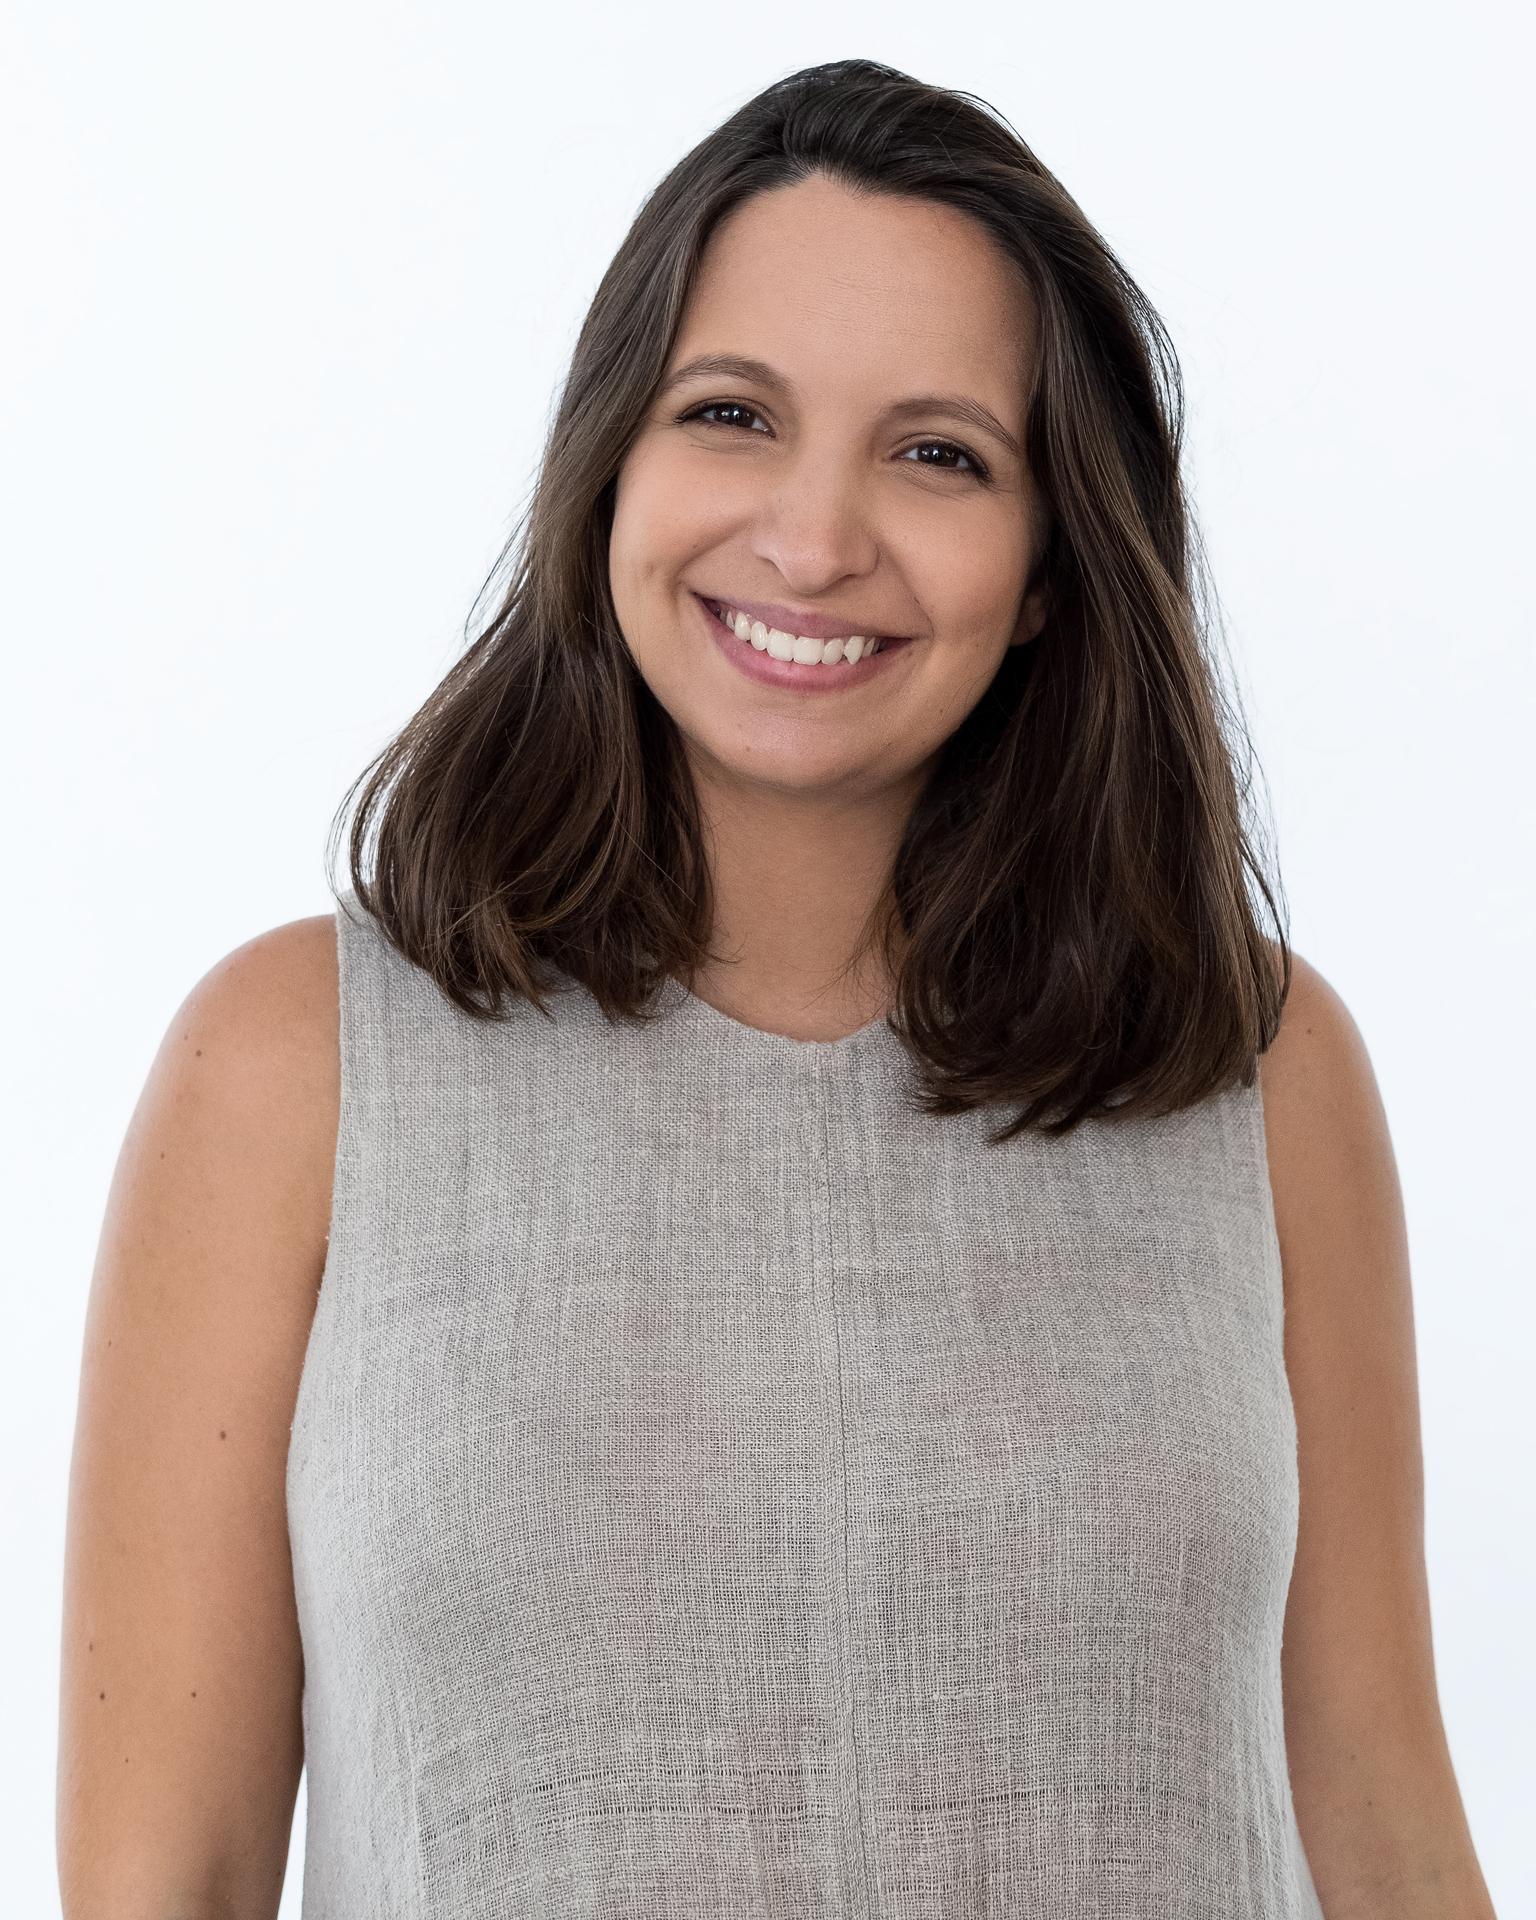 Catarina Ferreira Pinto, em estúdio, no dia da gravação deste episódio